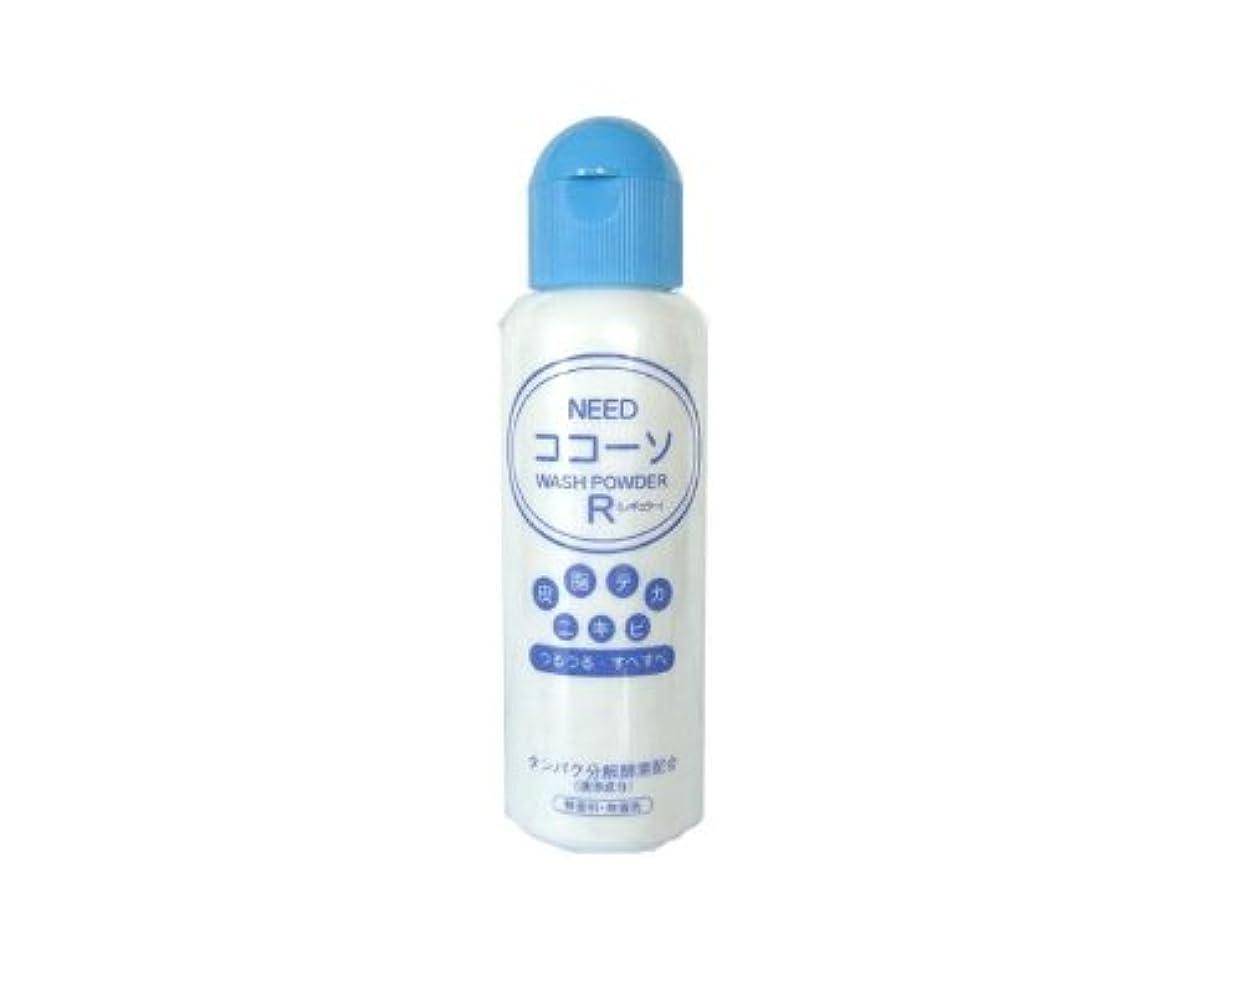 罰セクションシャープニード ココーソ 洗顔パウダー R(レギュラー) 52g